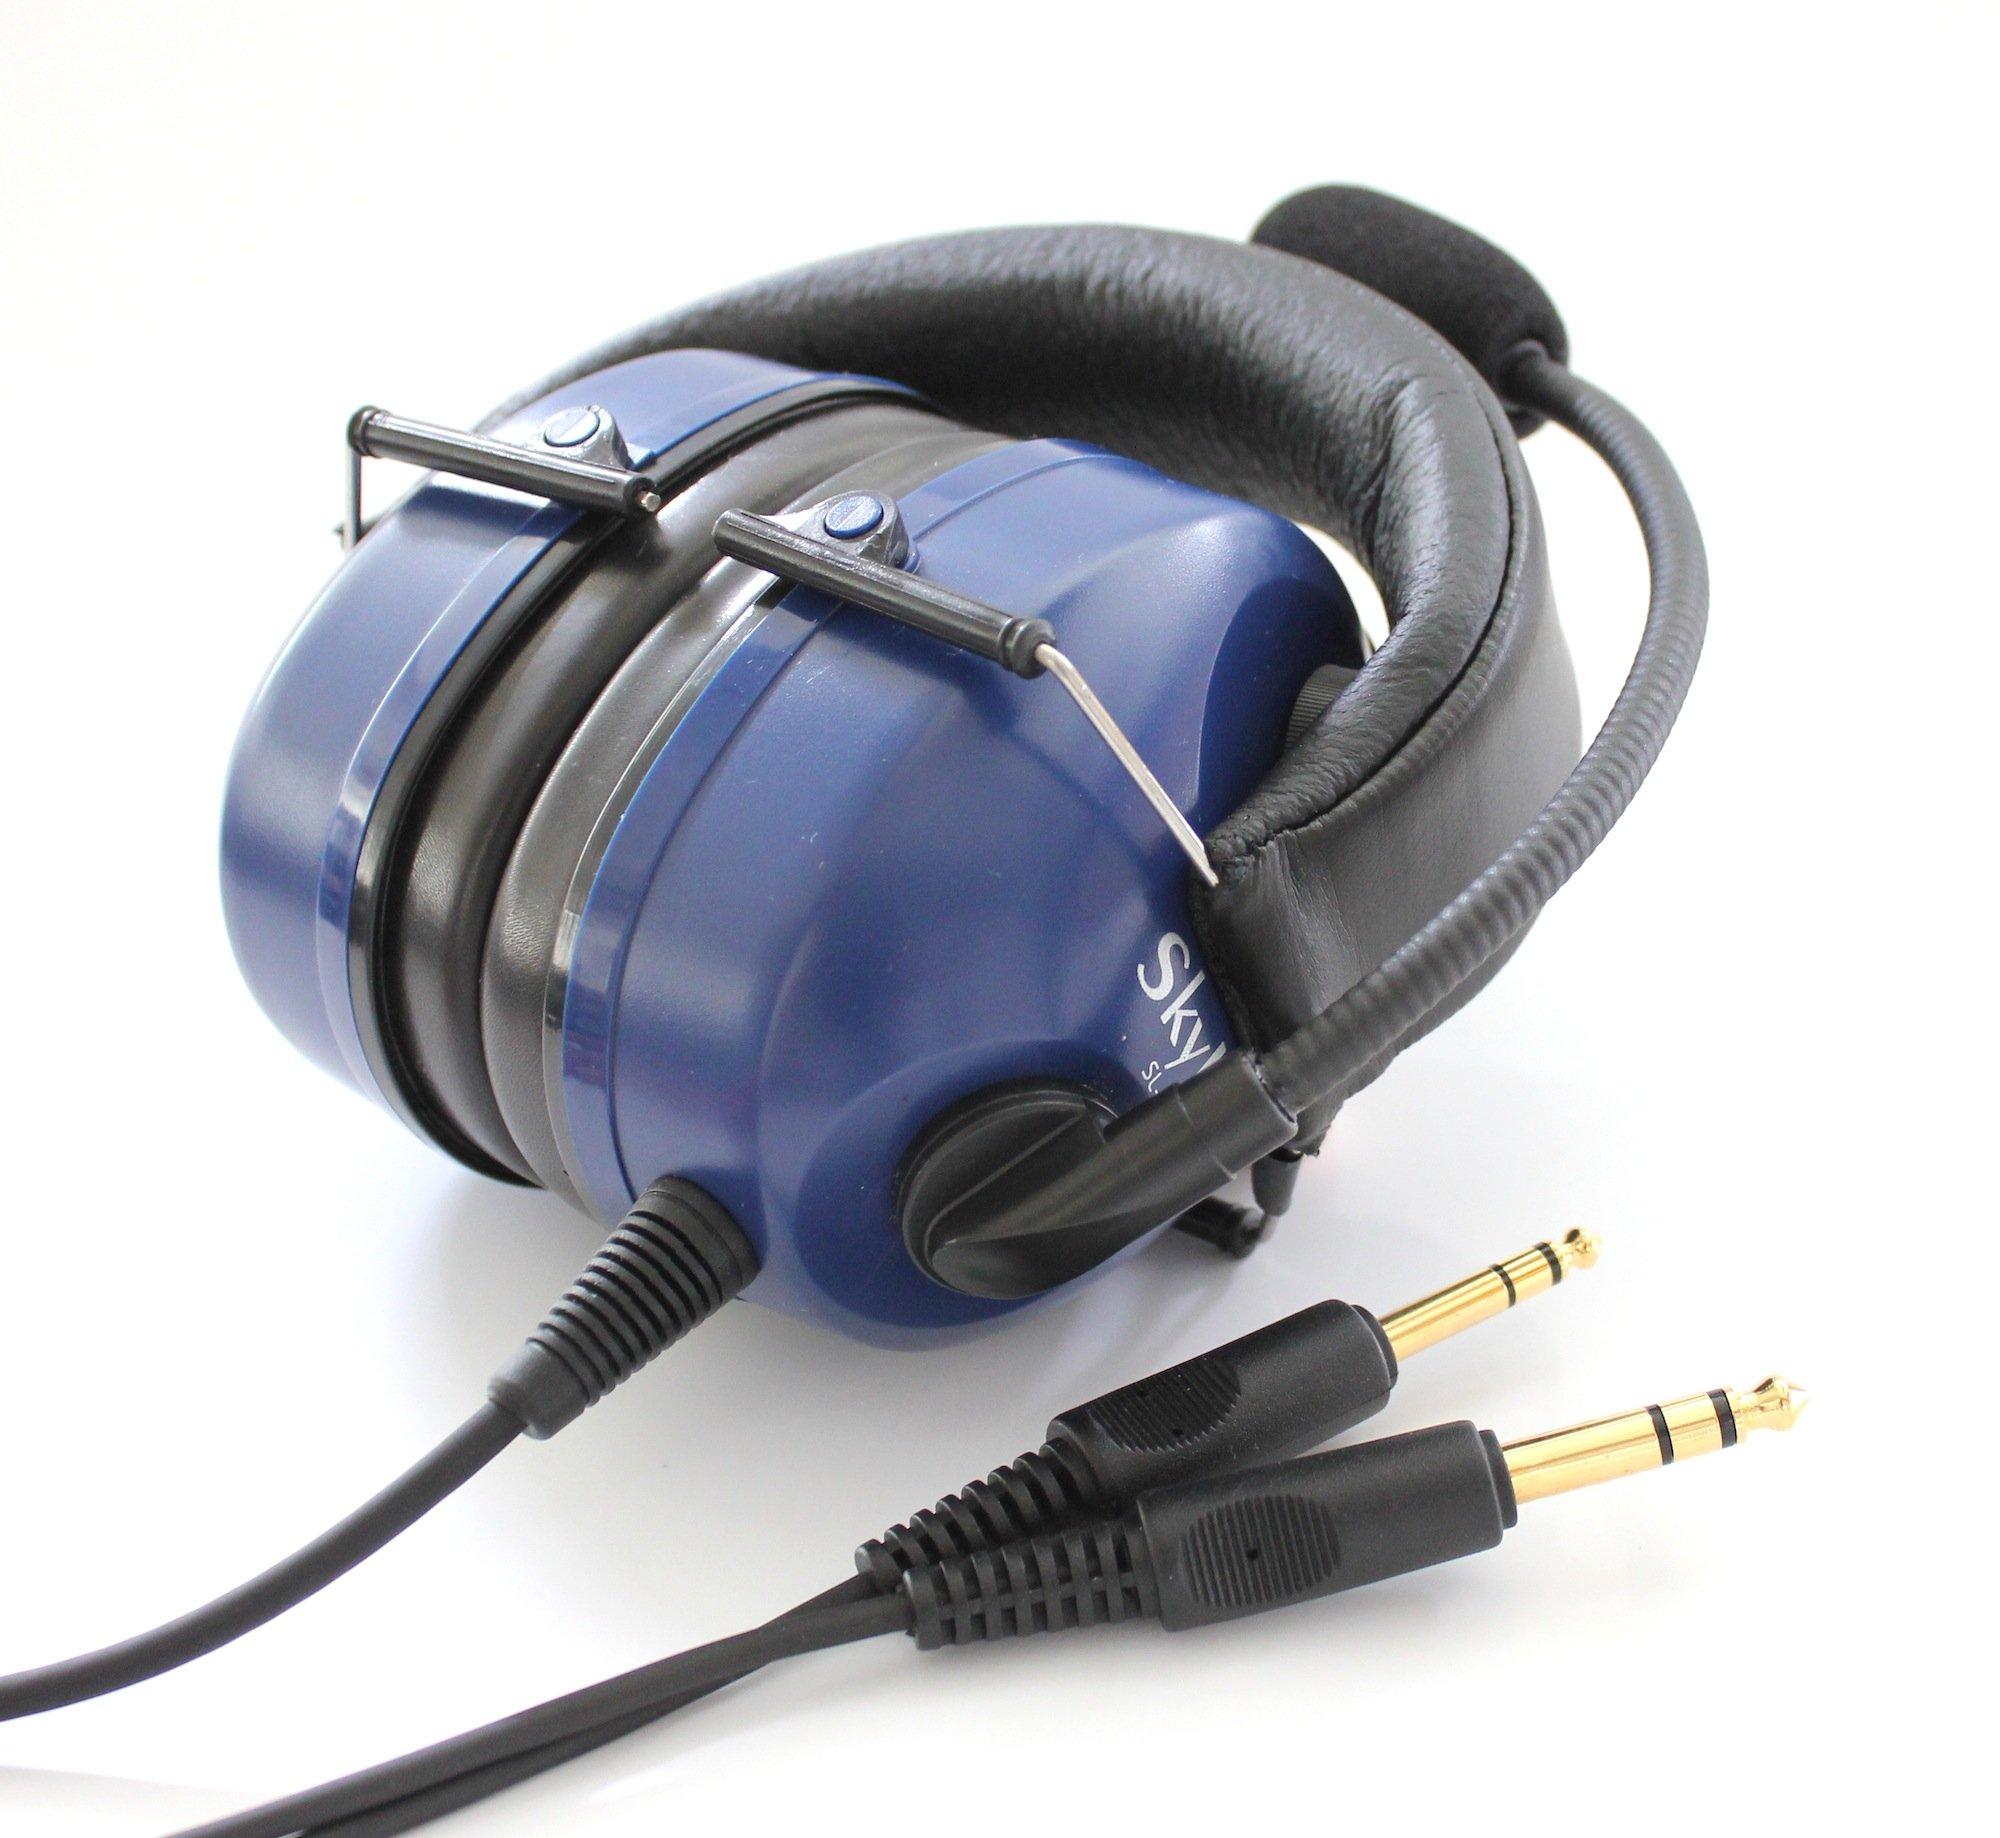 SkyLite SL-800 Aviation Headset